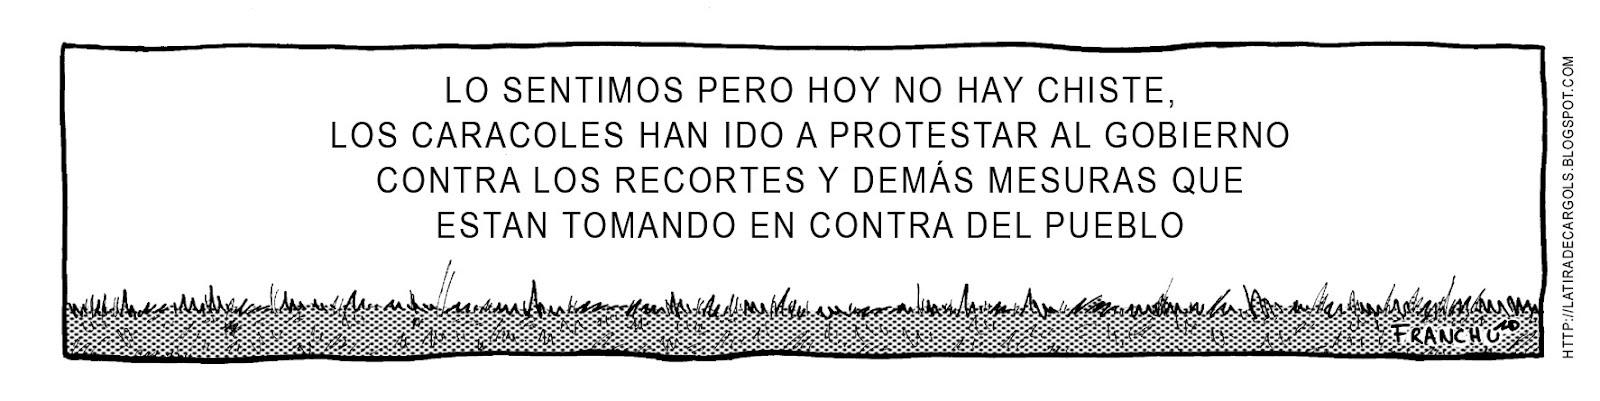 Tira comica 136 del webcomic Cargols del dibujante Franchu de Barcelona